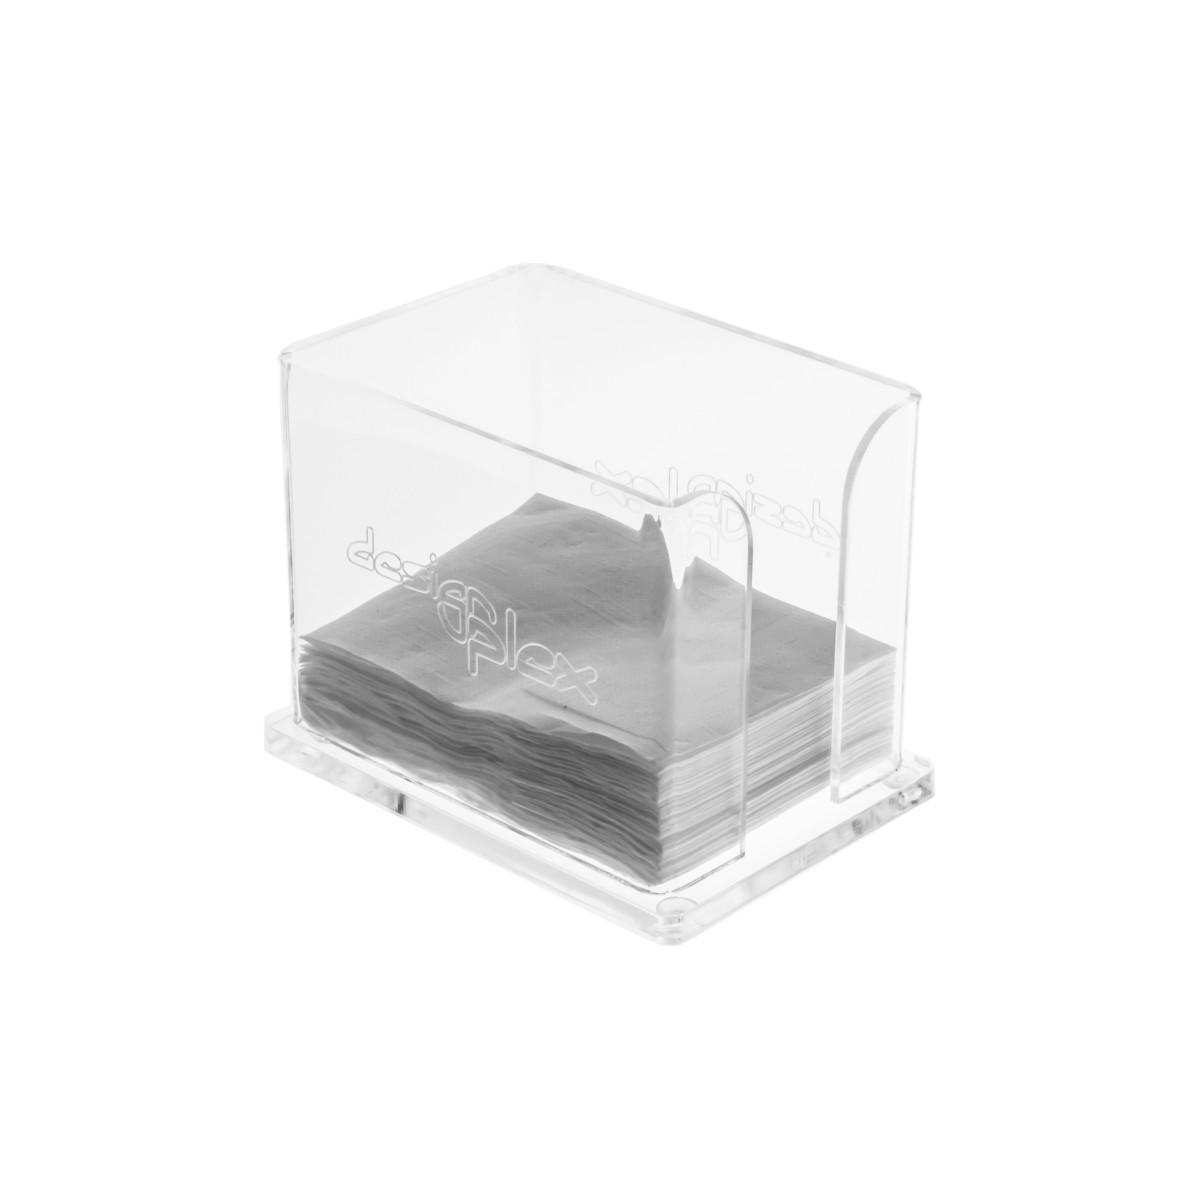 Rond de serviette en acrylique transparent - Dimensions: 10 x 14 x H11 cm